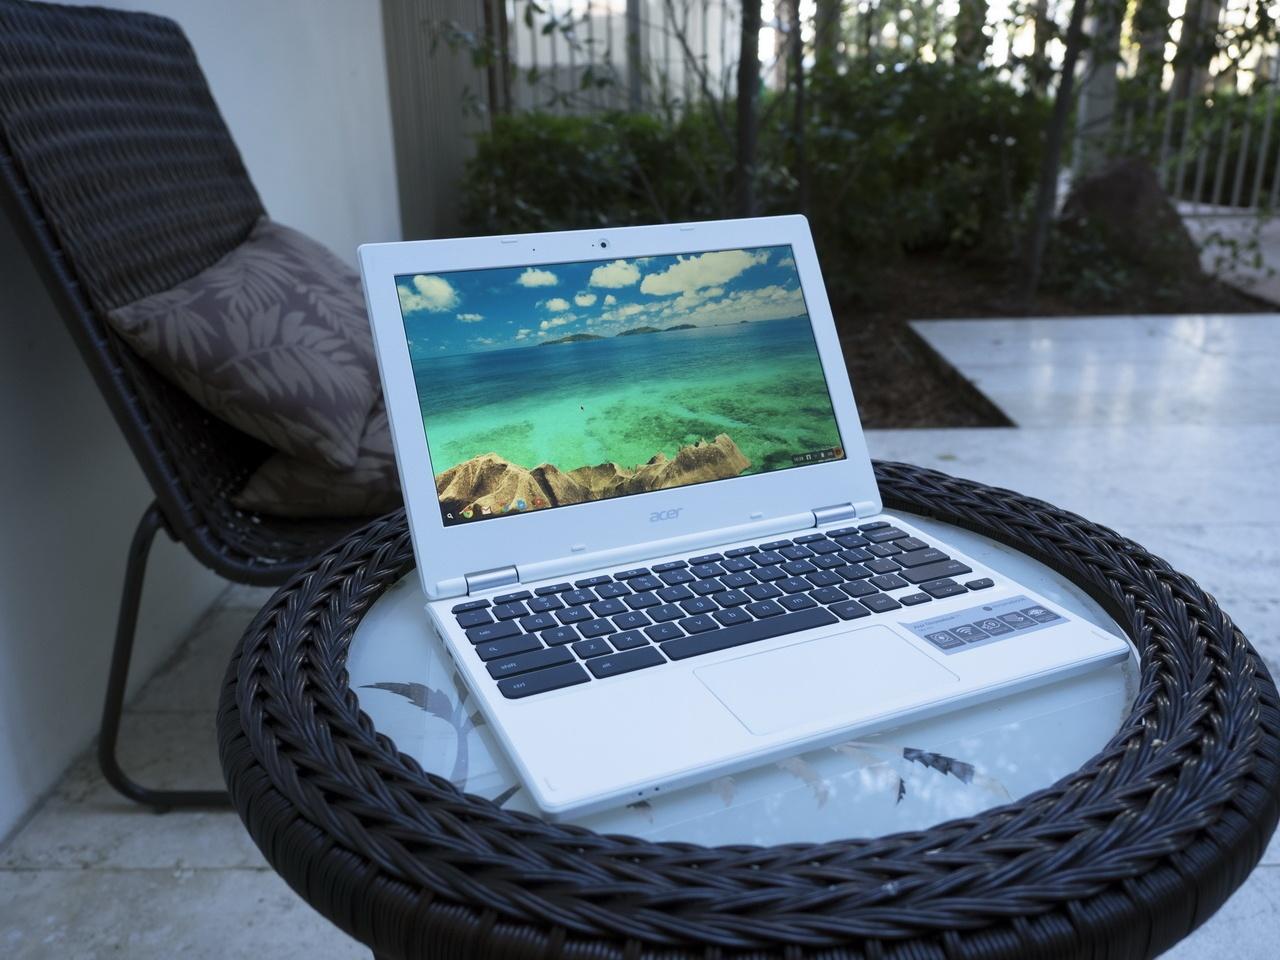 Acer на CES 2016: мониторы, планшеты, игровые ноутбуки и ультрамобильный трансформер - 15